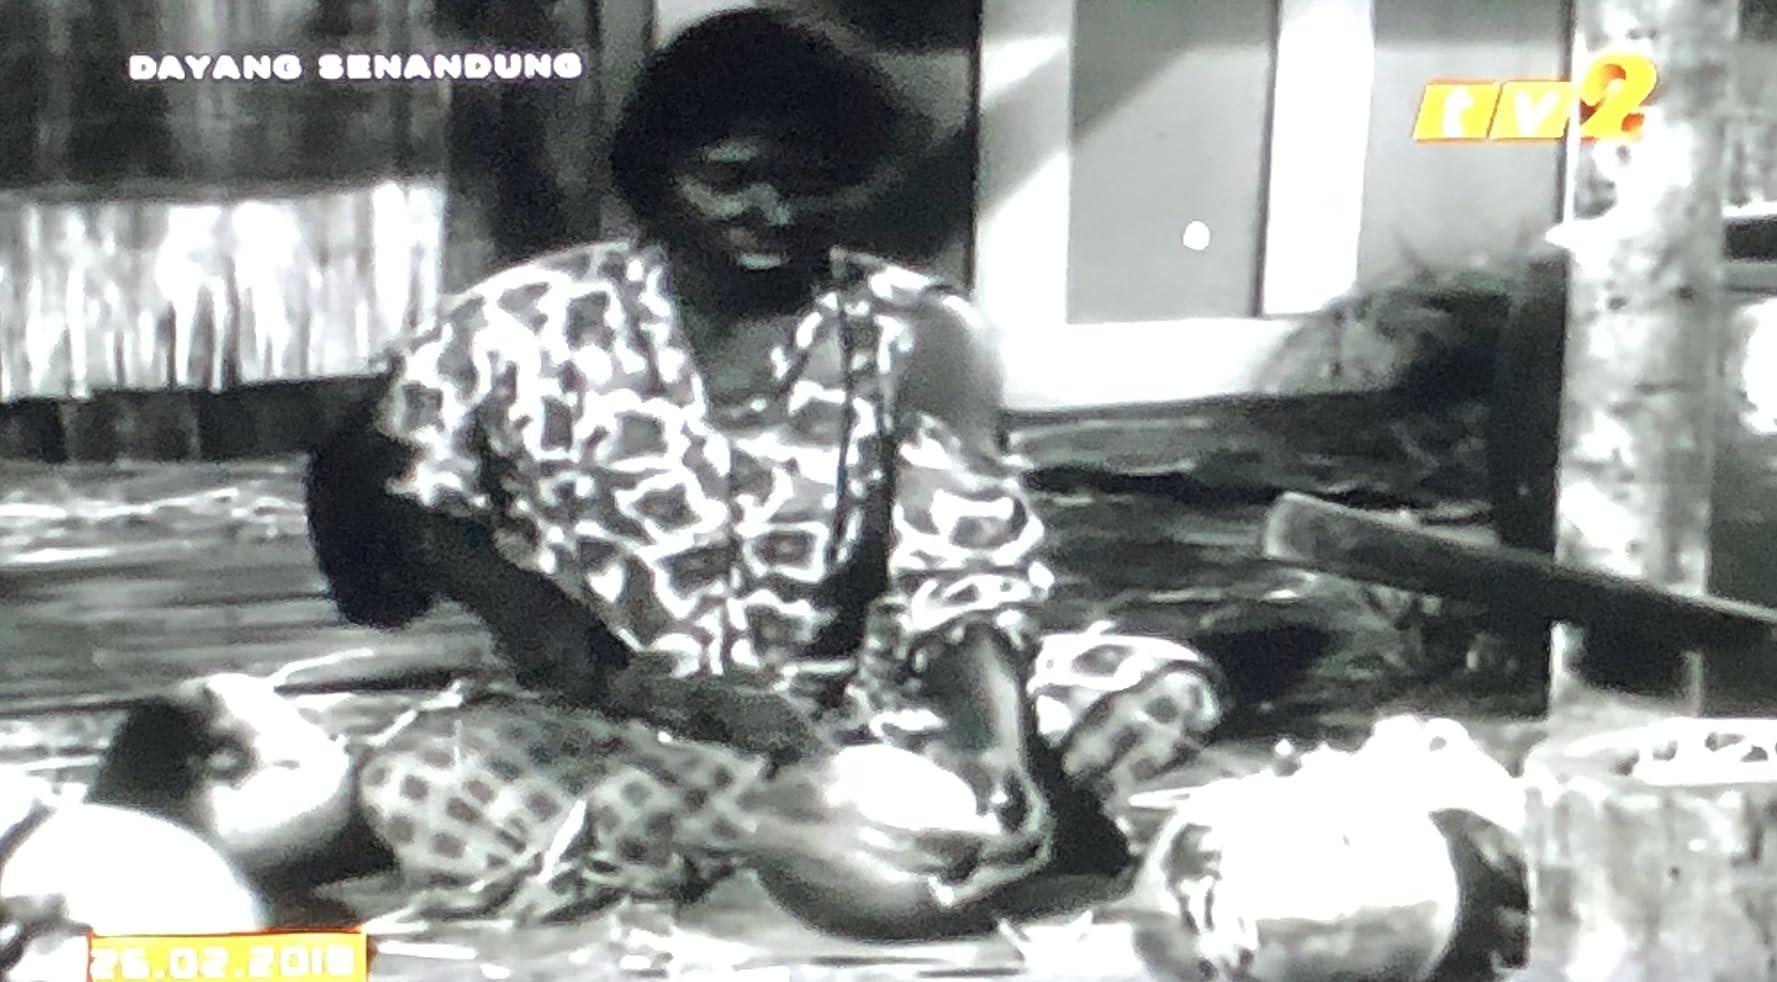 Dayang senandung (1965)